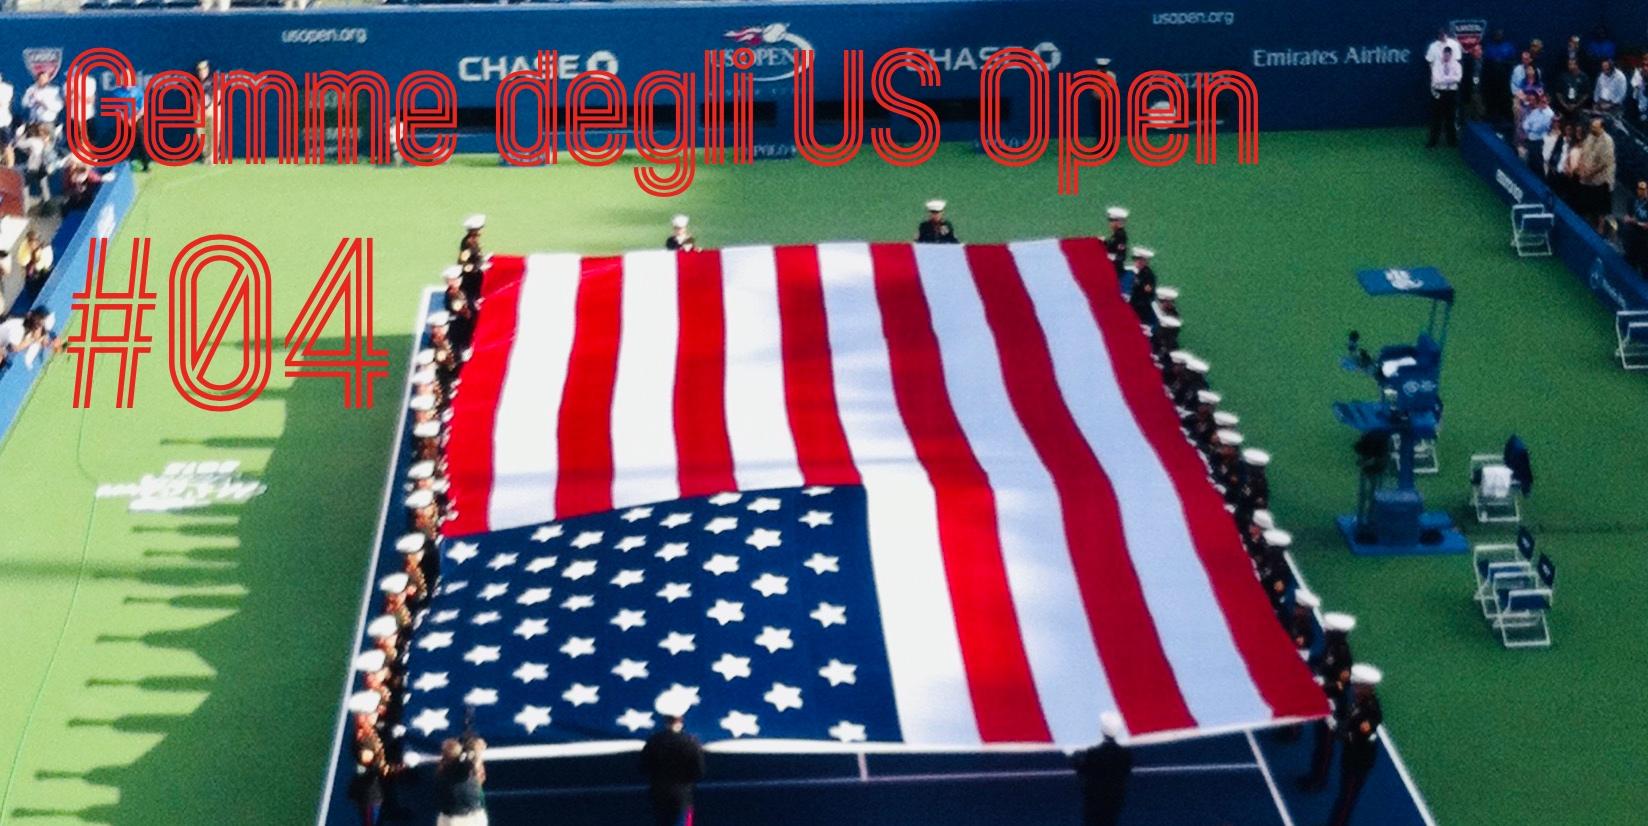 Gemme degli US Open #4 - settesei.it